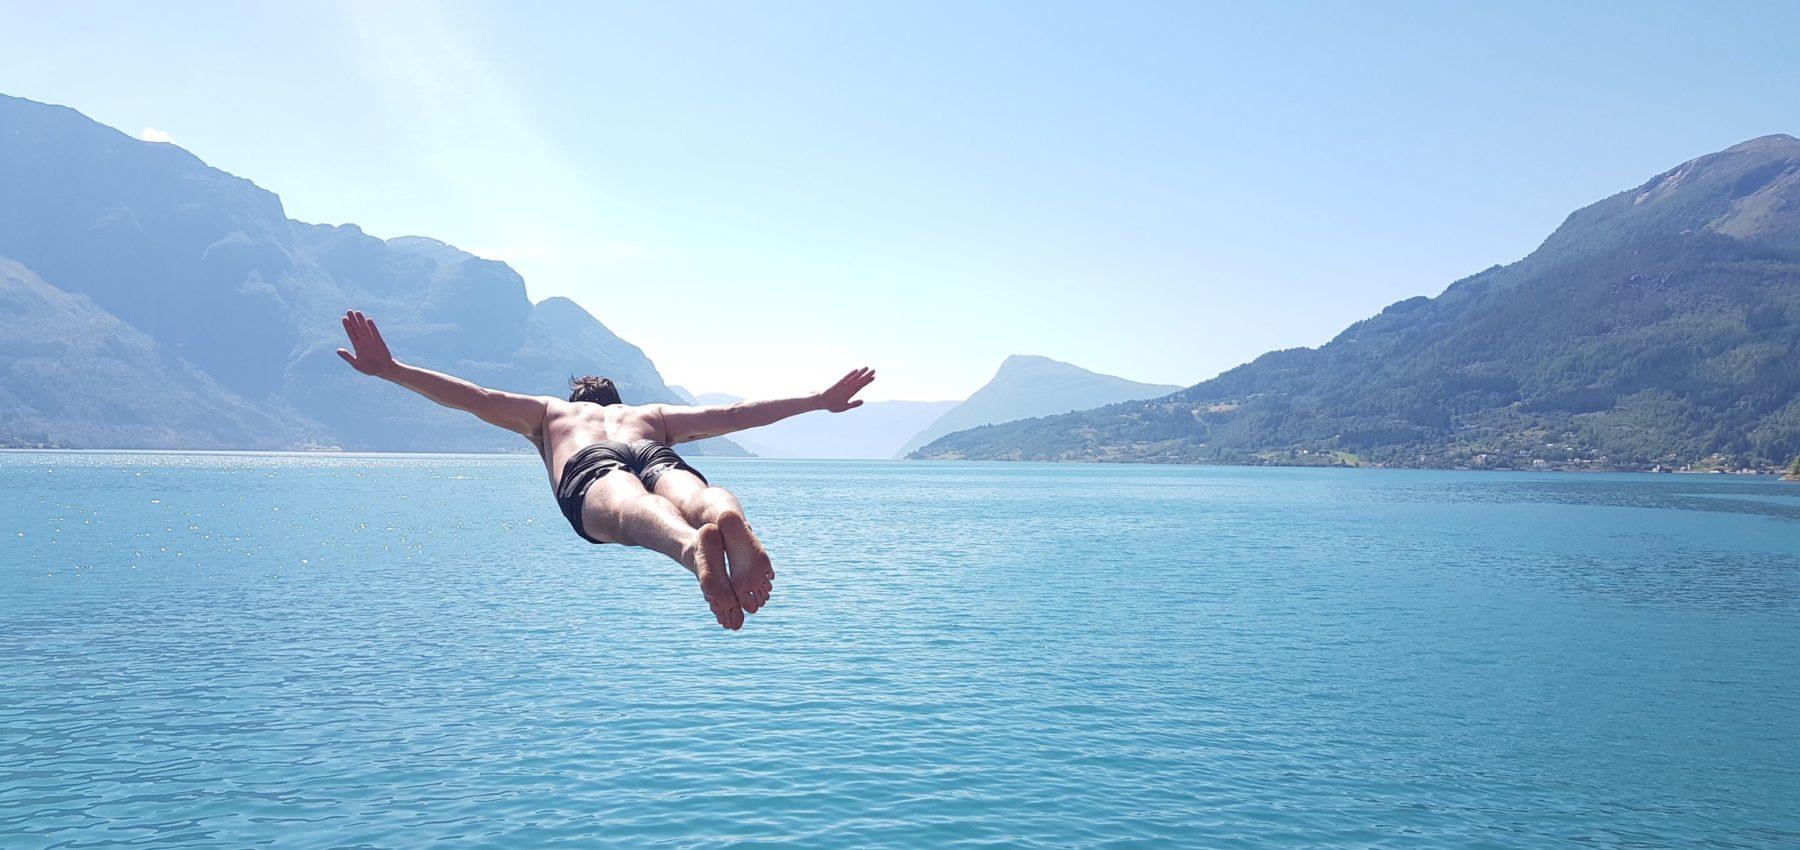 Mann stuper i fjor med blått klart vann. På bildet er han midt i stupet med hendene spredd utover, som om han flyr.